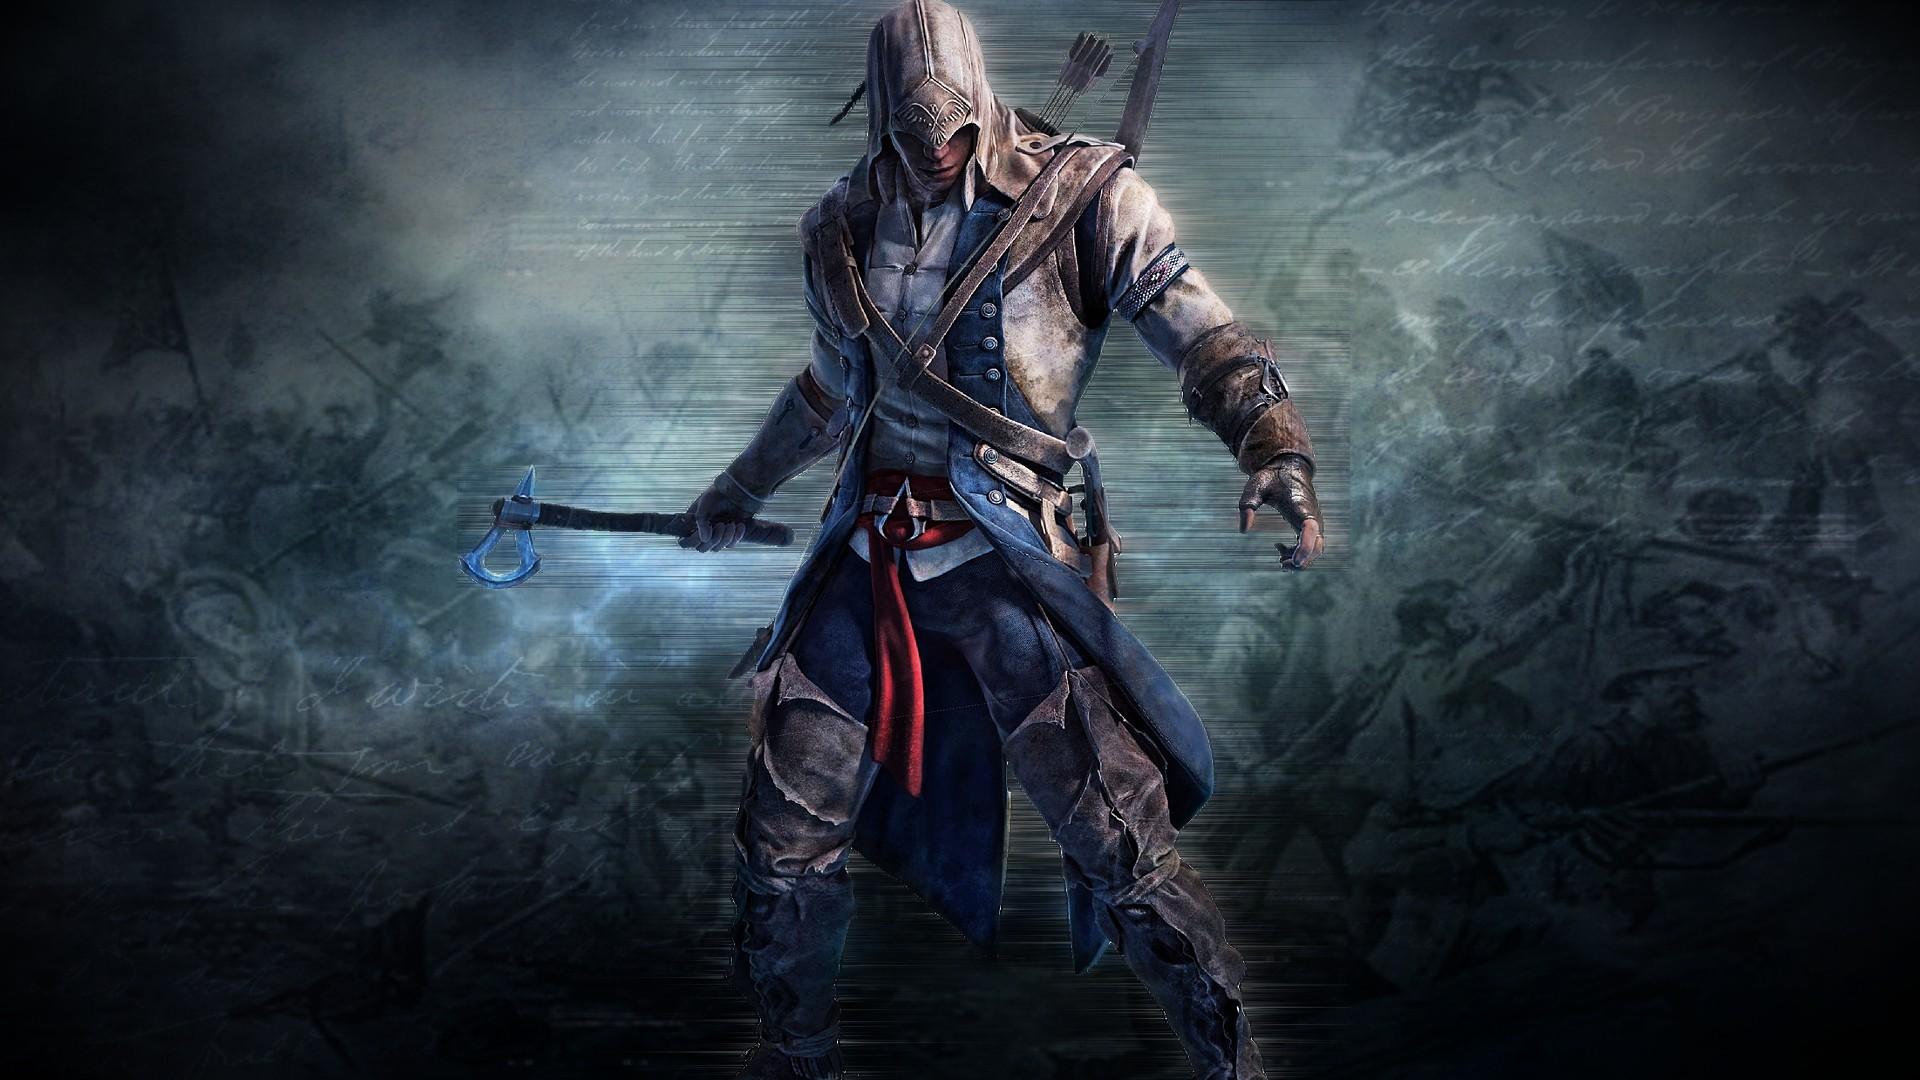 Assassins Creed 3 Wallpapers 3 HD Desktop Wallpapers 1920x1080